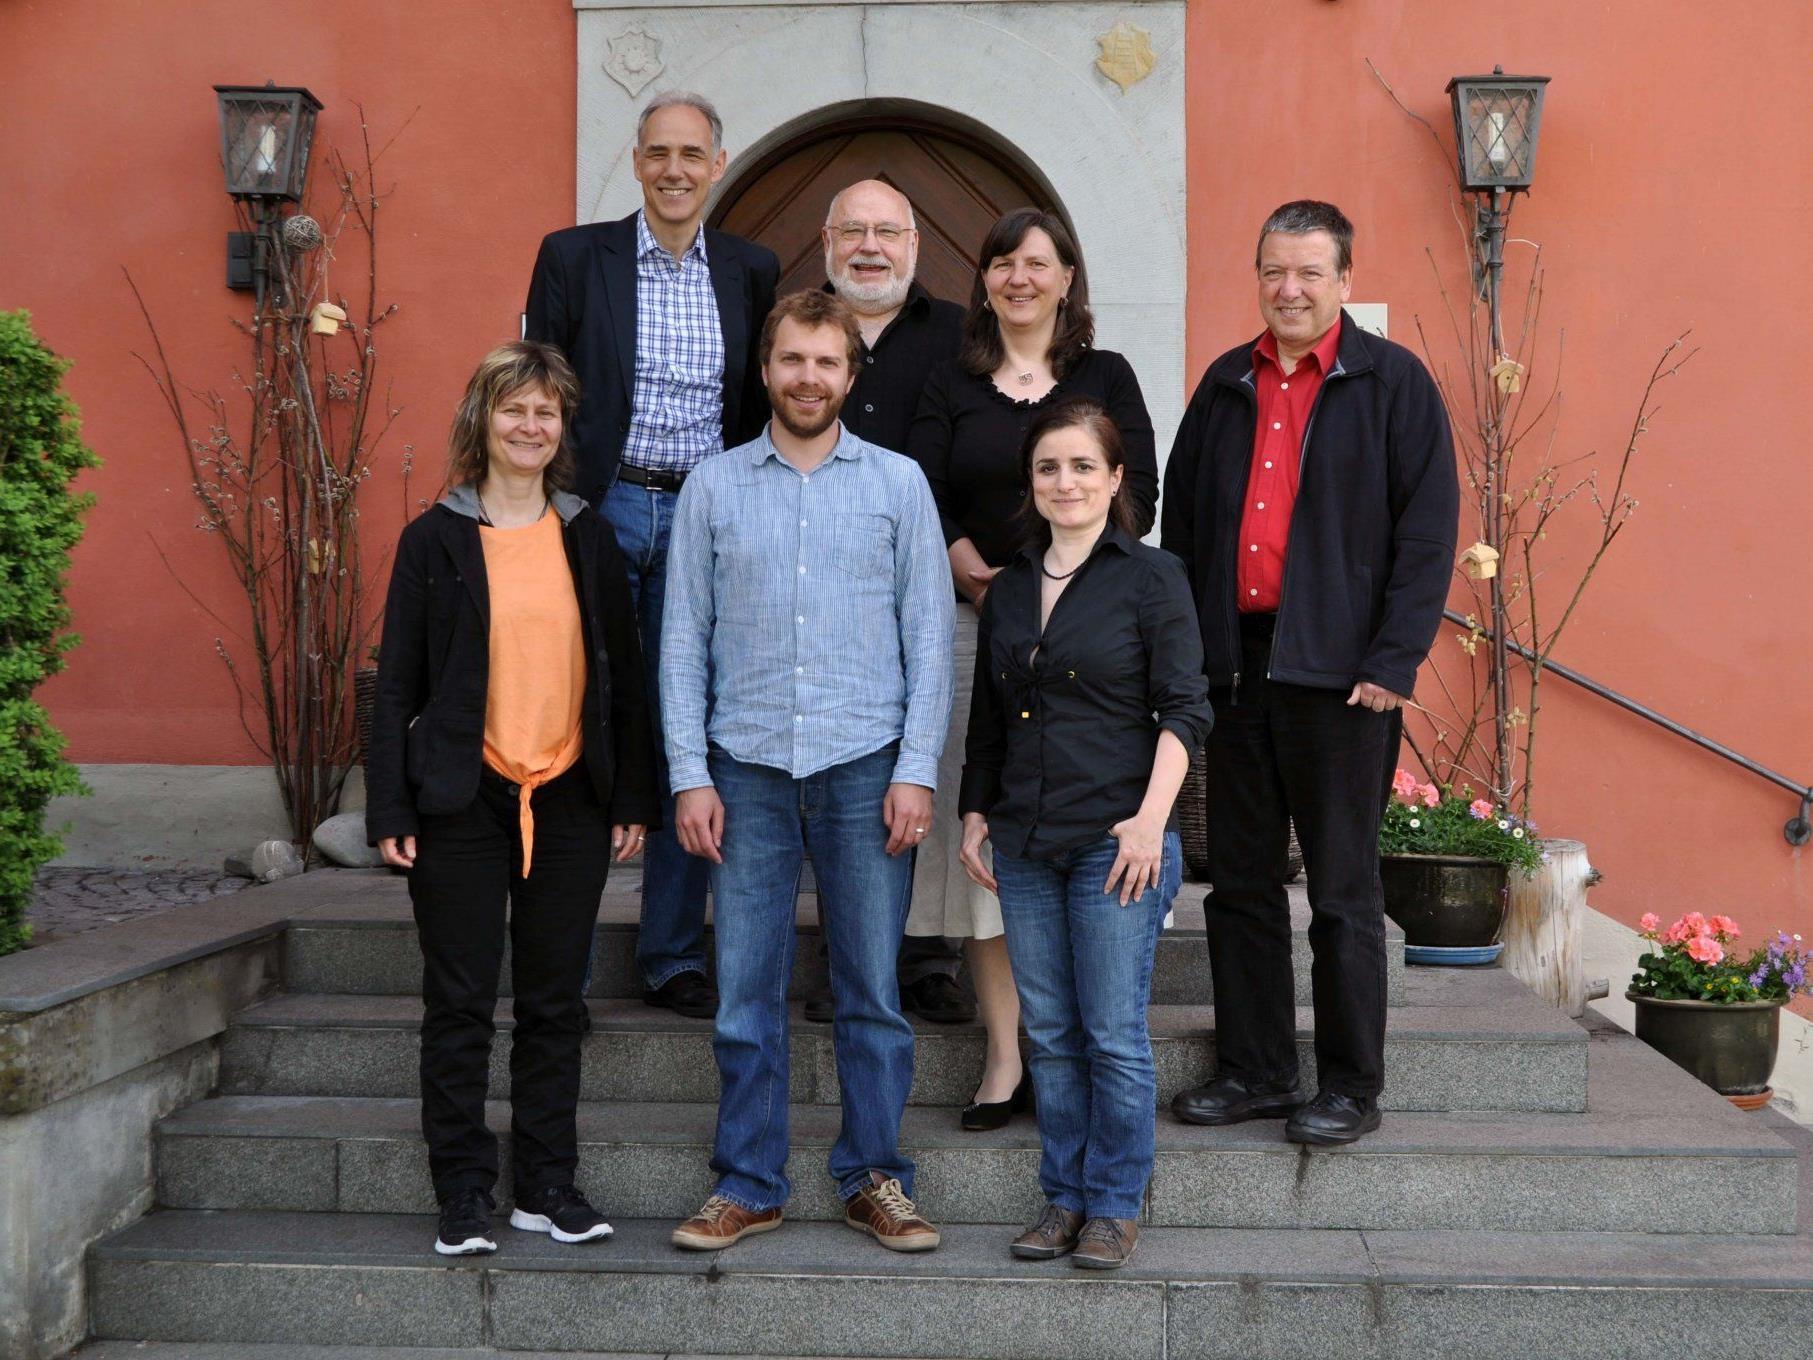 Zeugnisverleihung für das sechssemestrige Nachdiplomstudium Psychosoziale Beratung in Schloss Hofen.